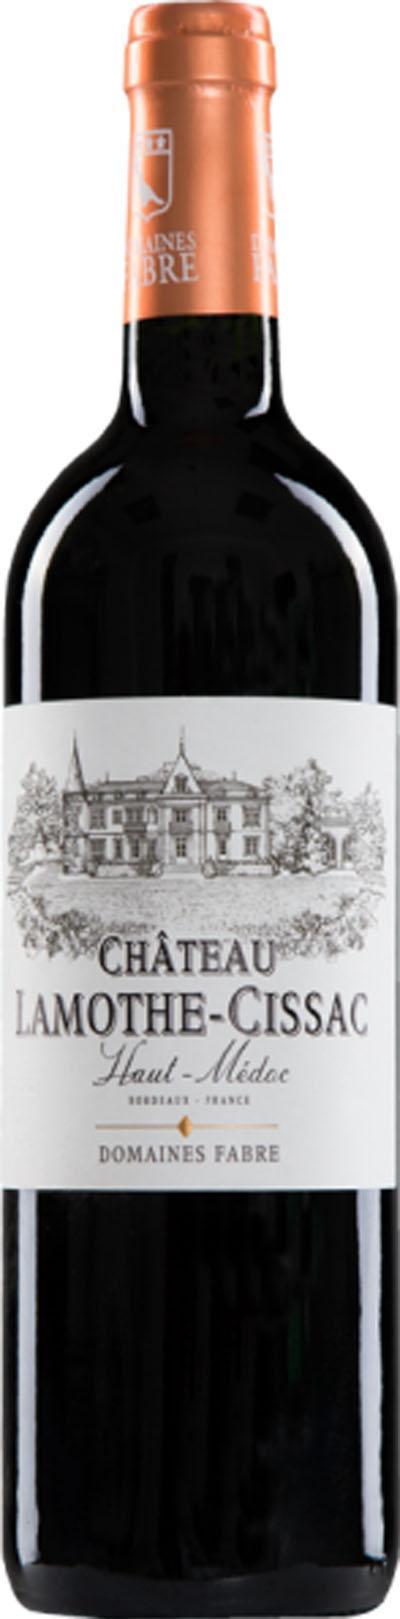 Château Lamothe-Cissac - Cru Bourgeois  2018 / Chateau Cissac